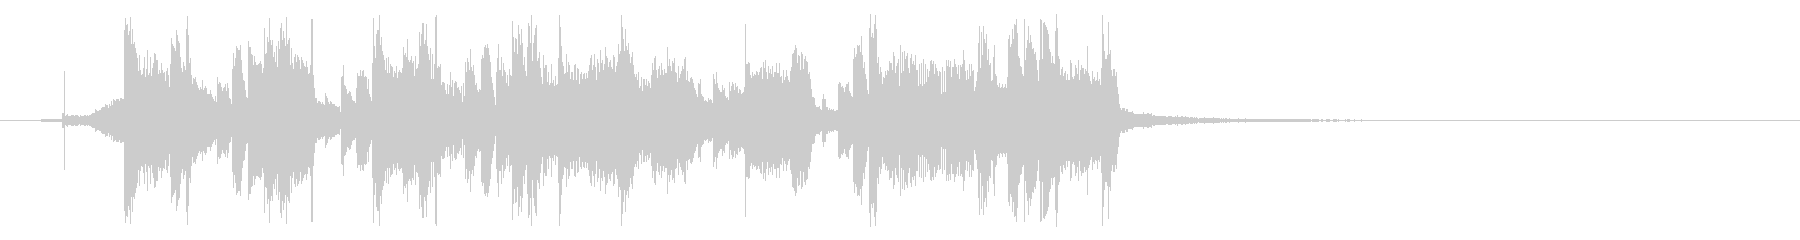 洋楽ポップ、アコギ、ムード、トラップの未再生の波形